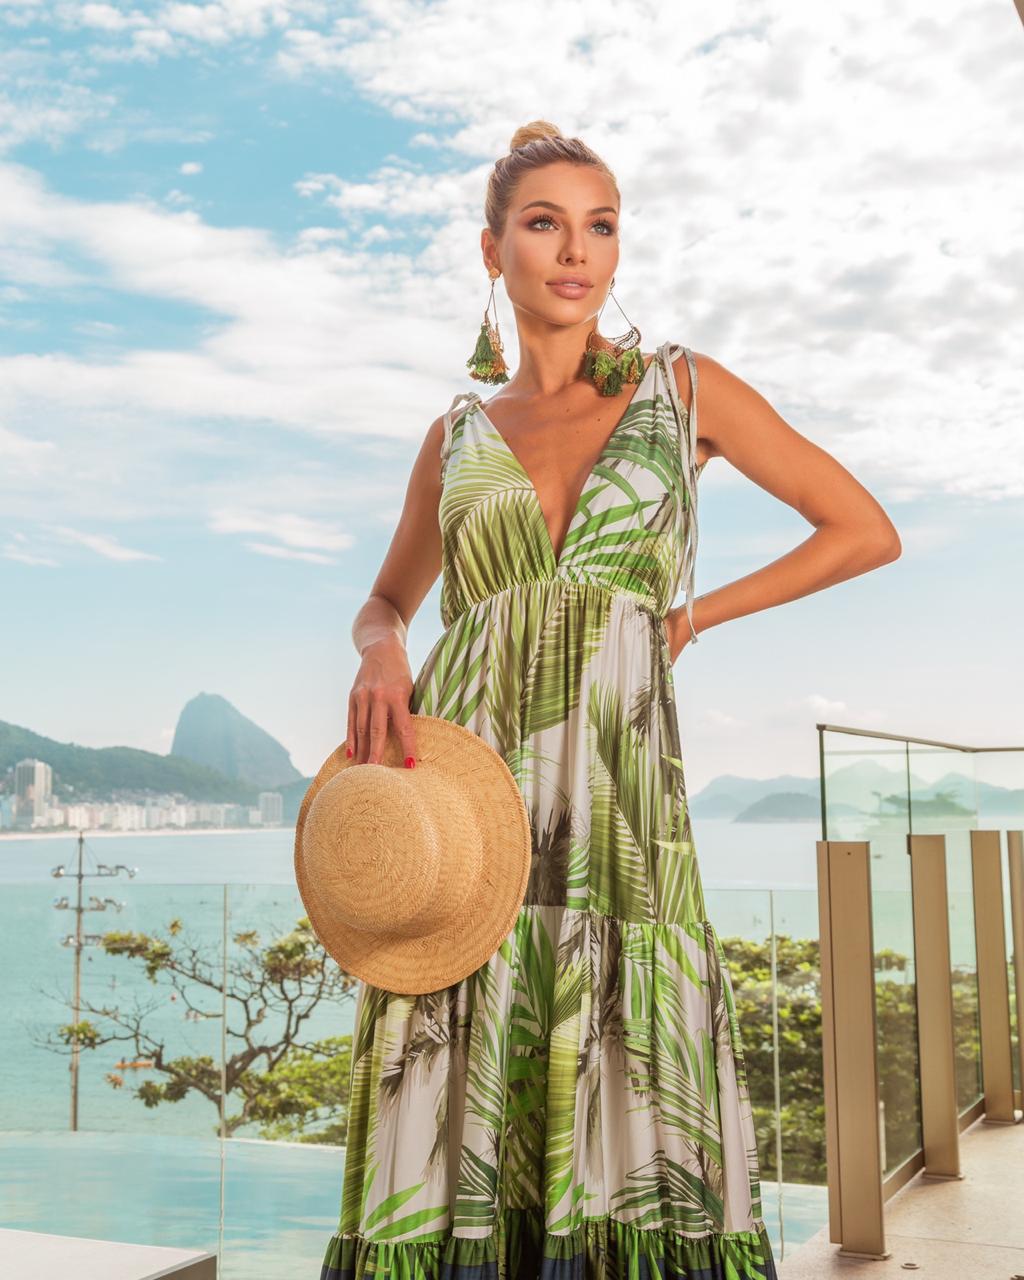 Vestido tropical folhagens e listras verde e azul